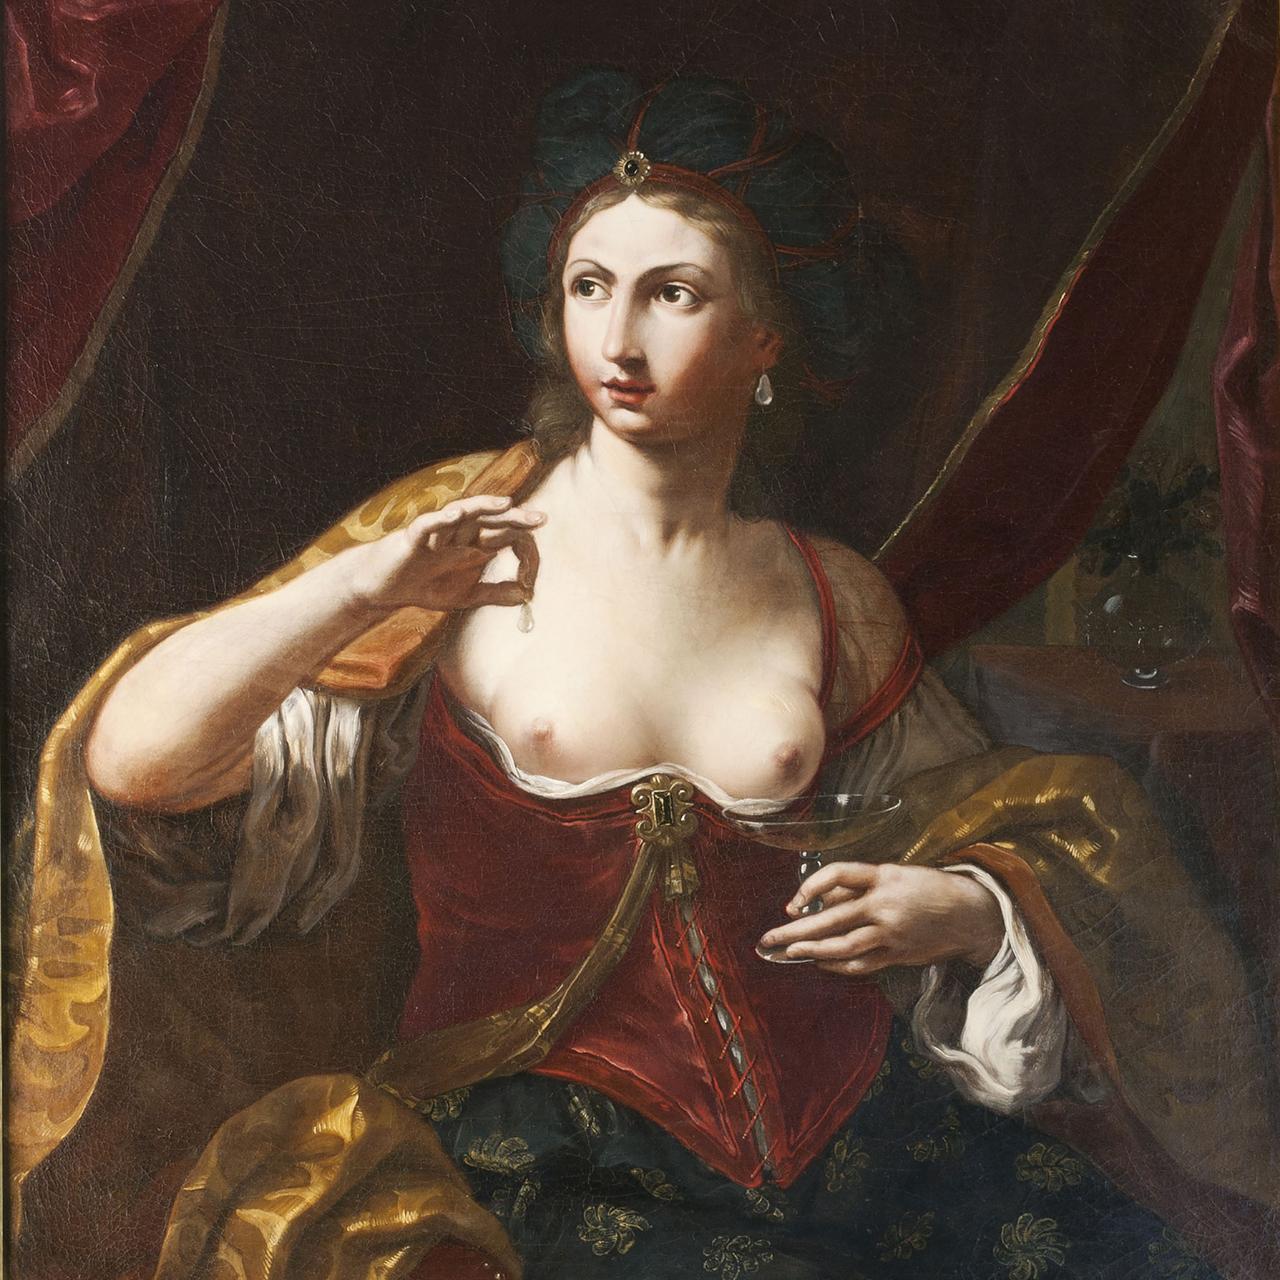 Le Signore dell'Arte. Storie di donne tra '500 e '600 | Palazzo Reale, Milano